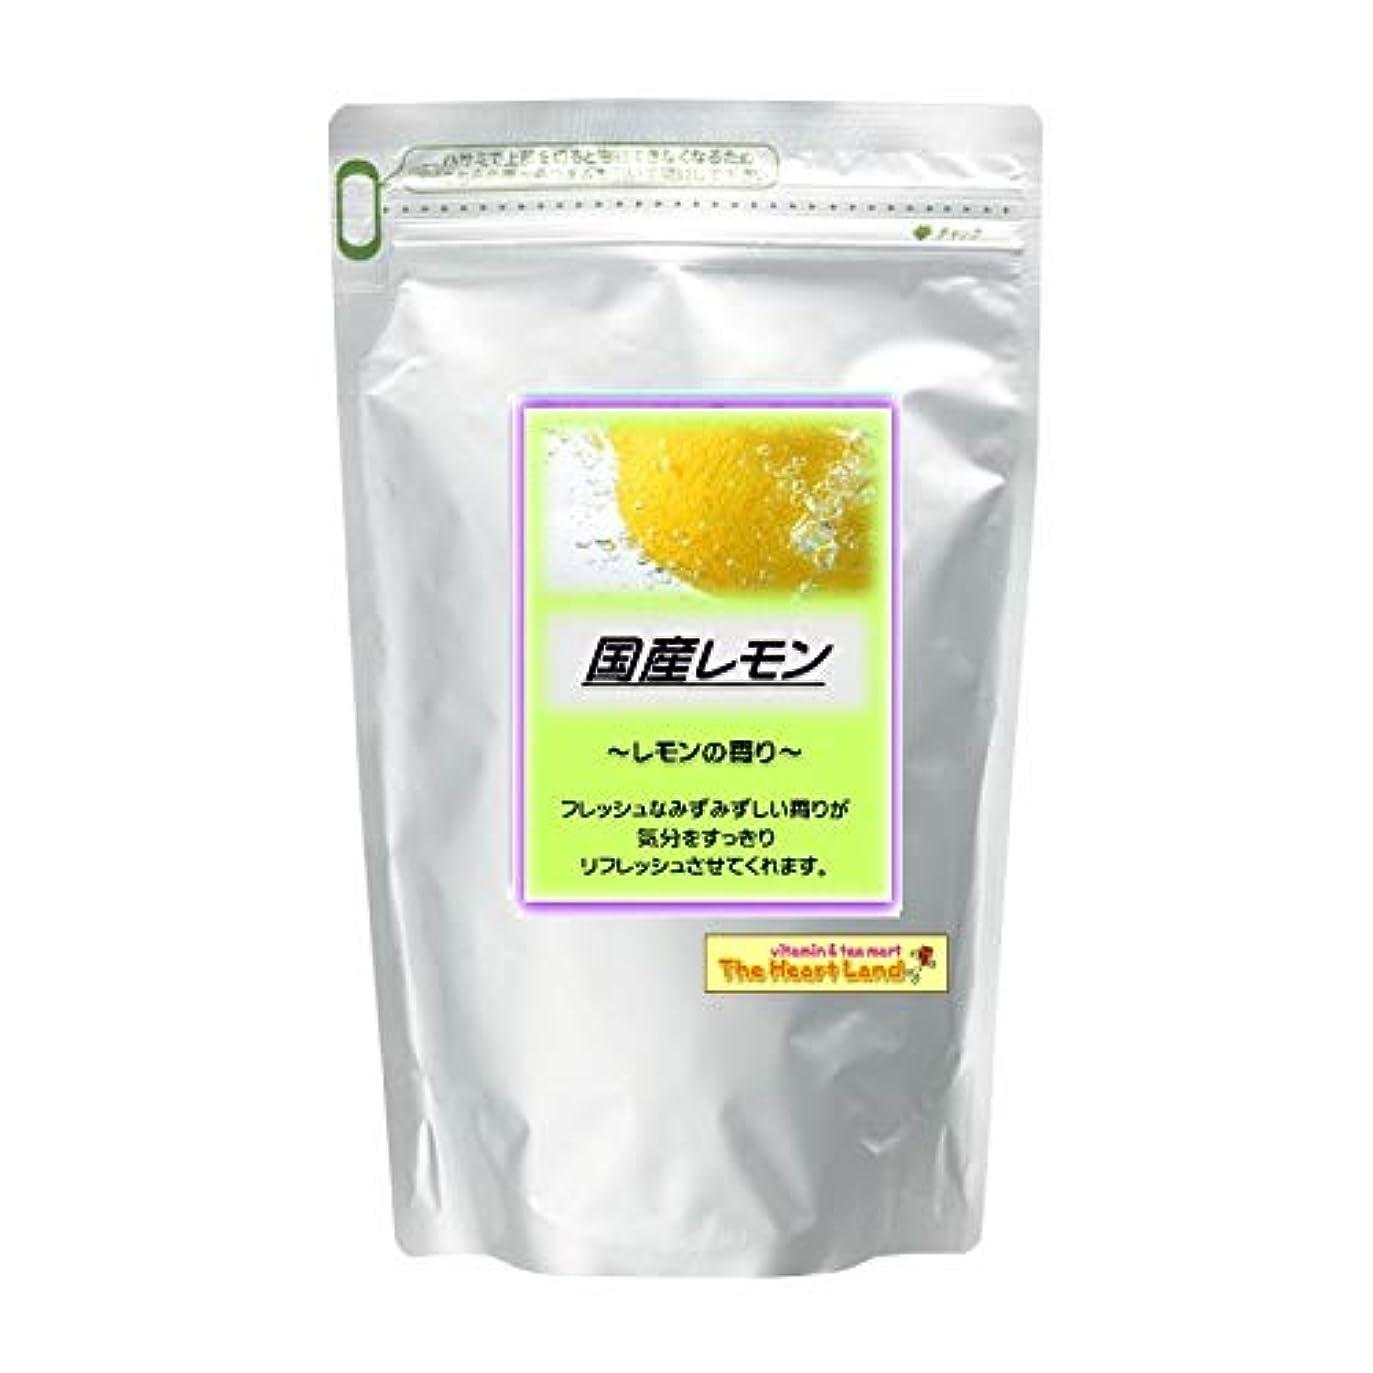 ペリスコープ花嫁かんがいアサヒ入浴剤 浴用入浴化粧品 国産レモン 300g